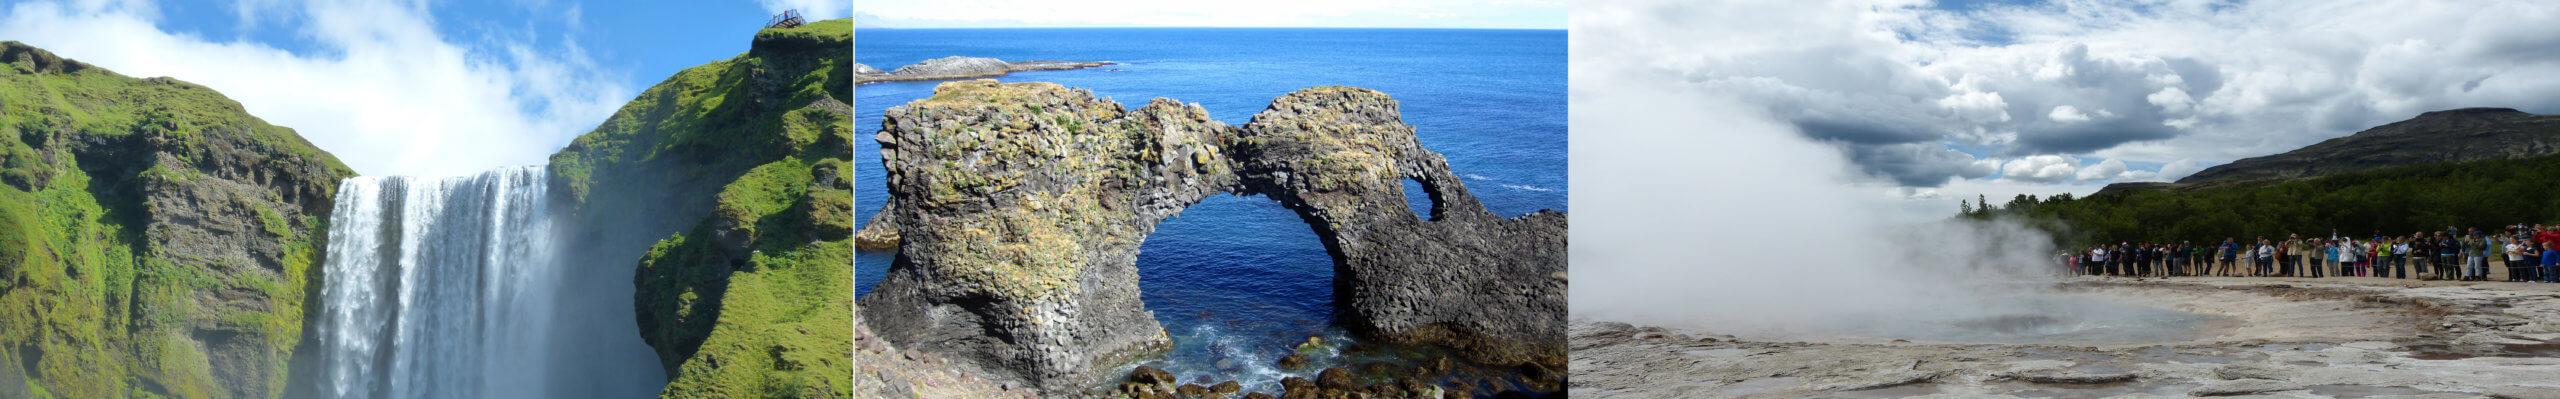 Die Highlights Islands: Skogafoss, Lochfelsen im Snaefellsness Nationalpark und ein Geysir